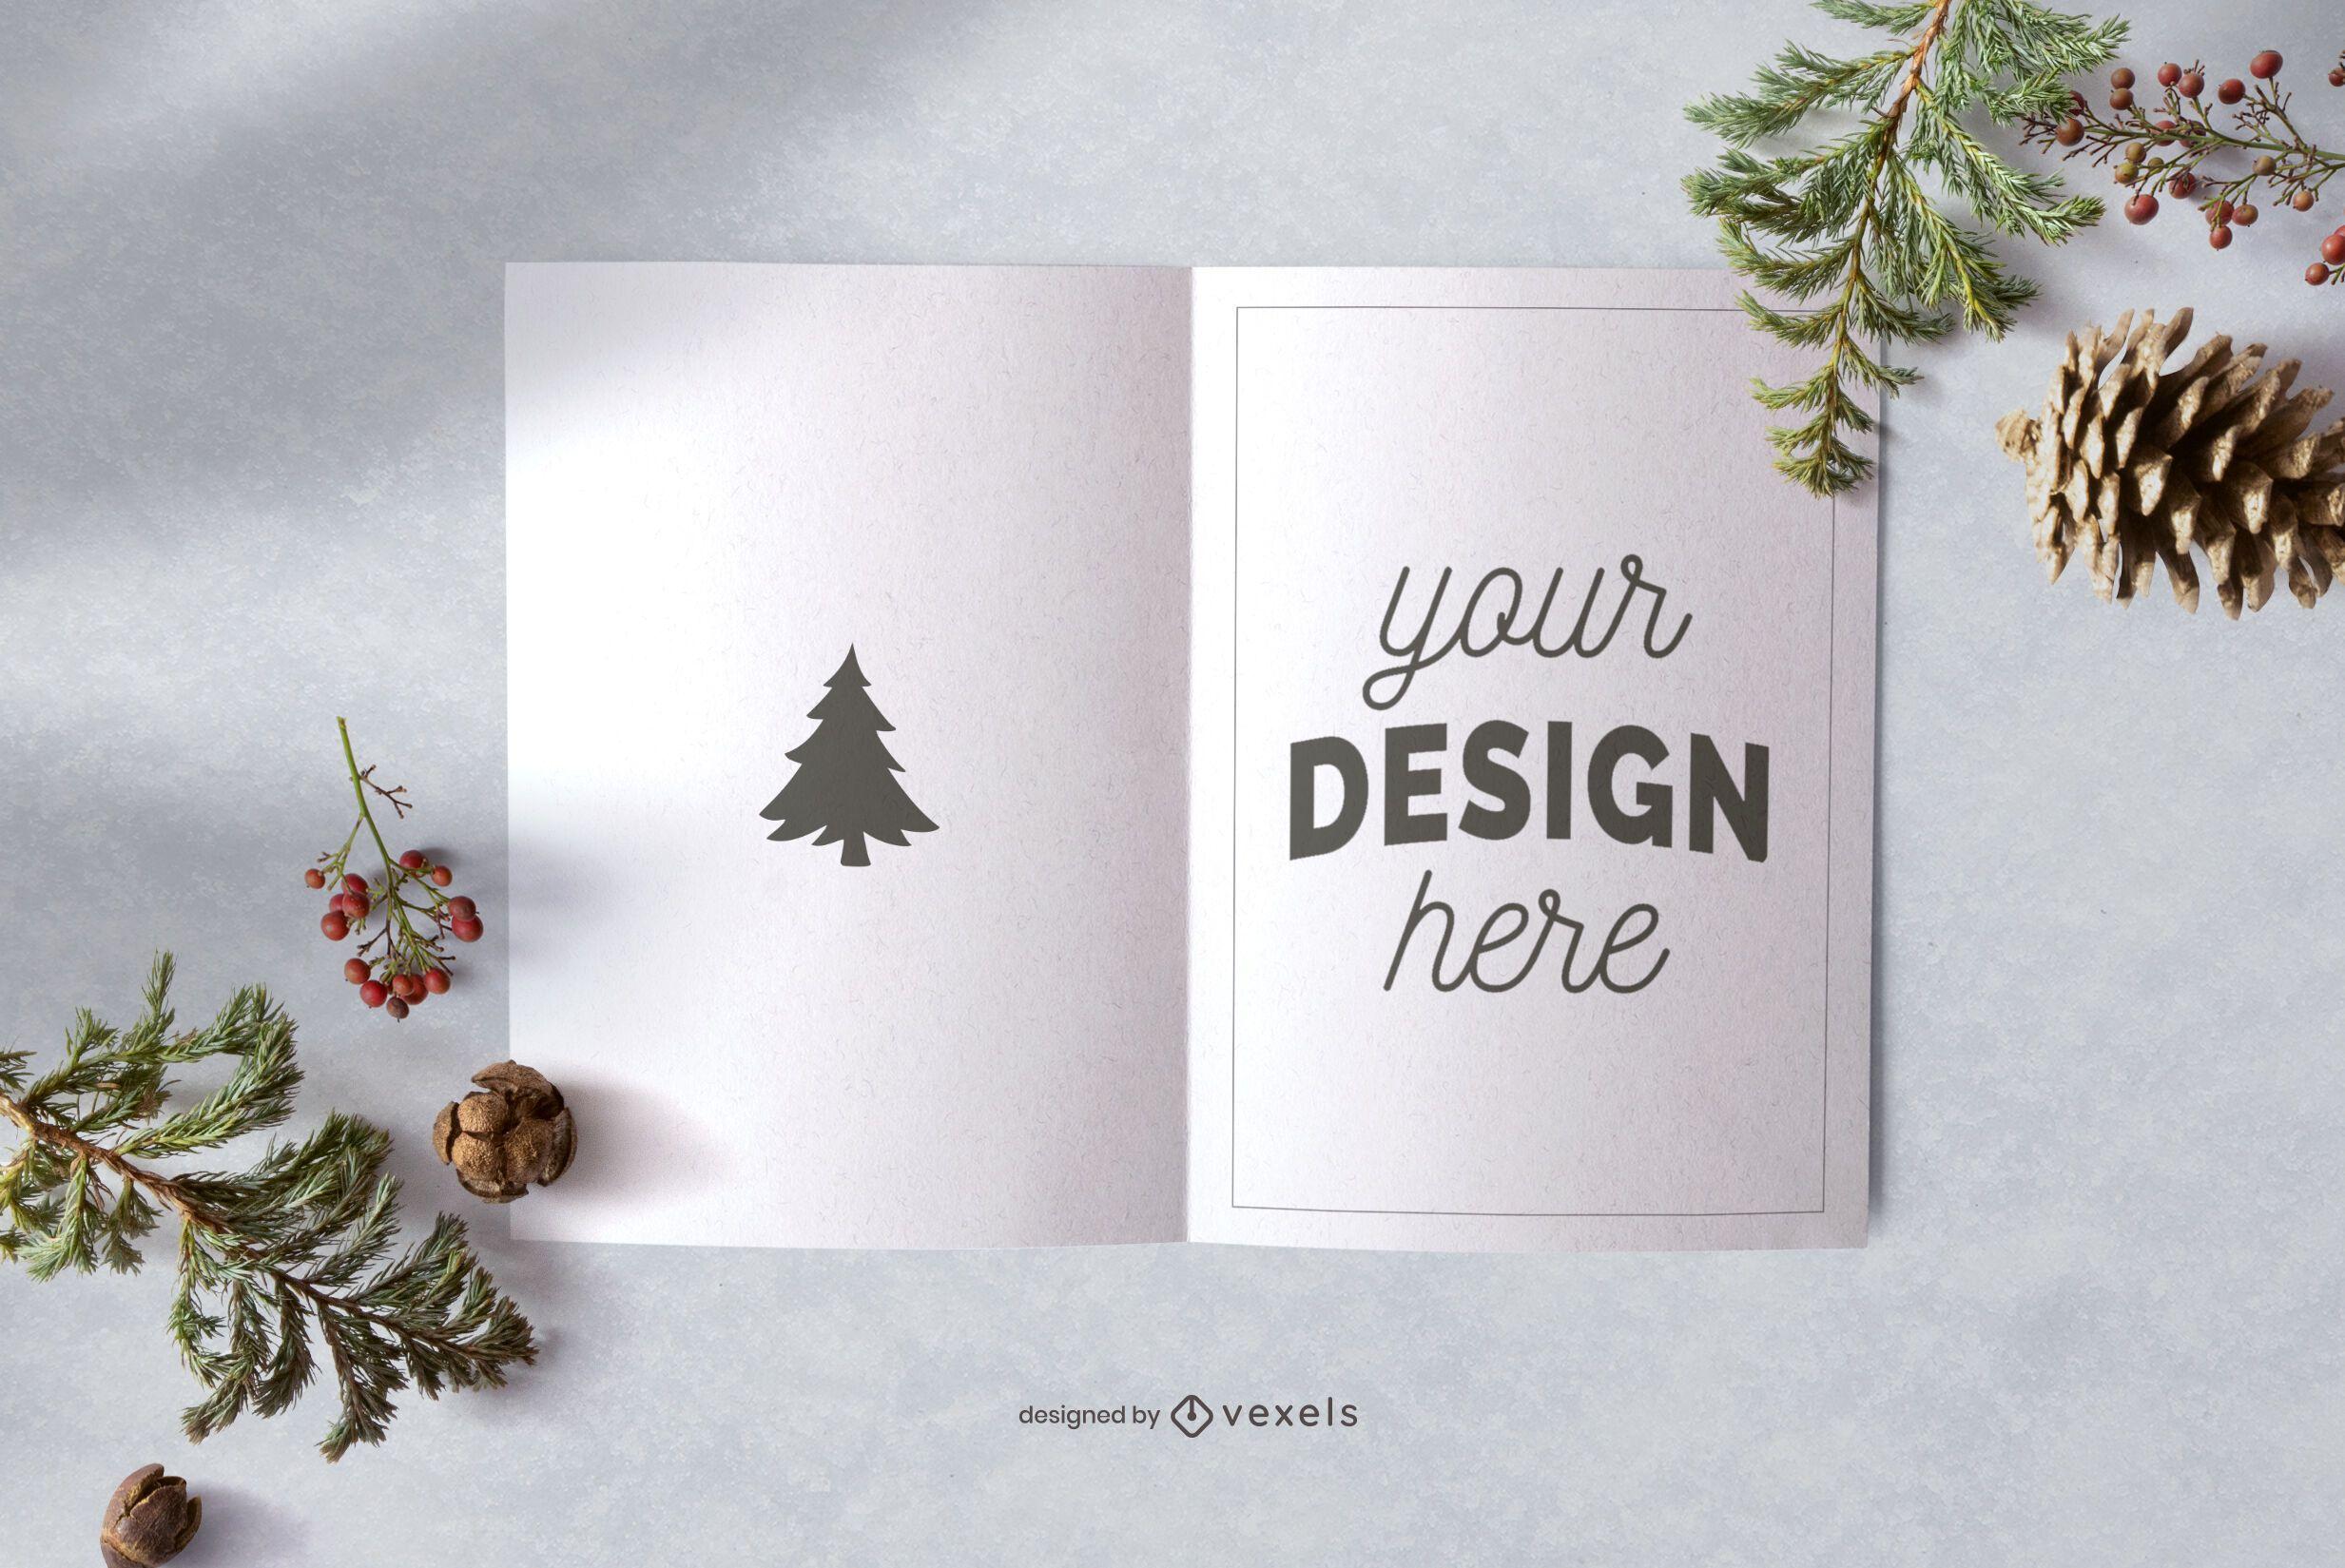 Christmas greeting card mockup design